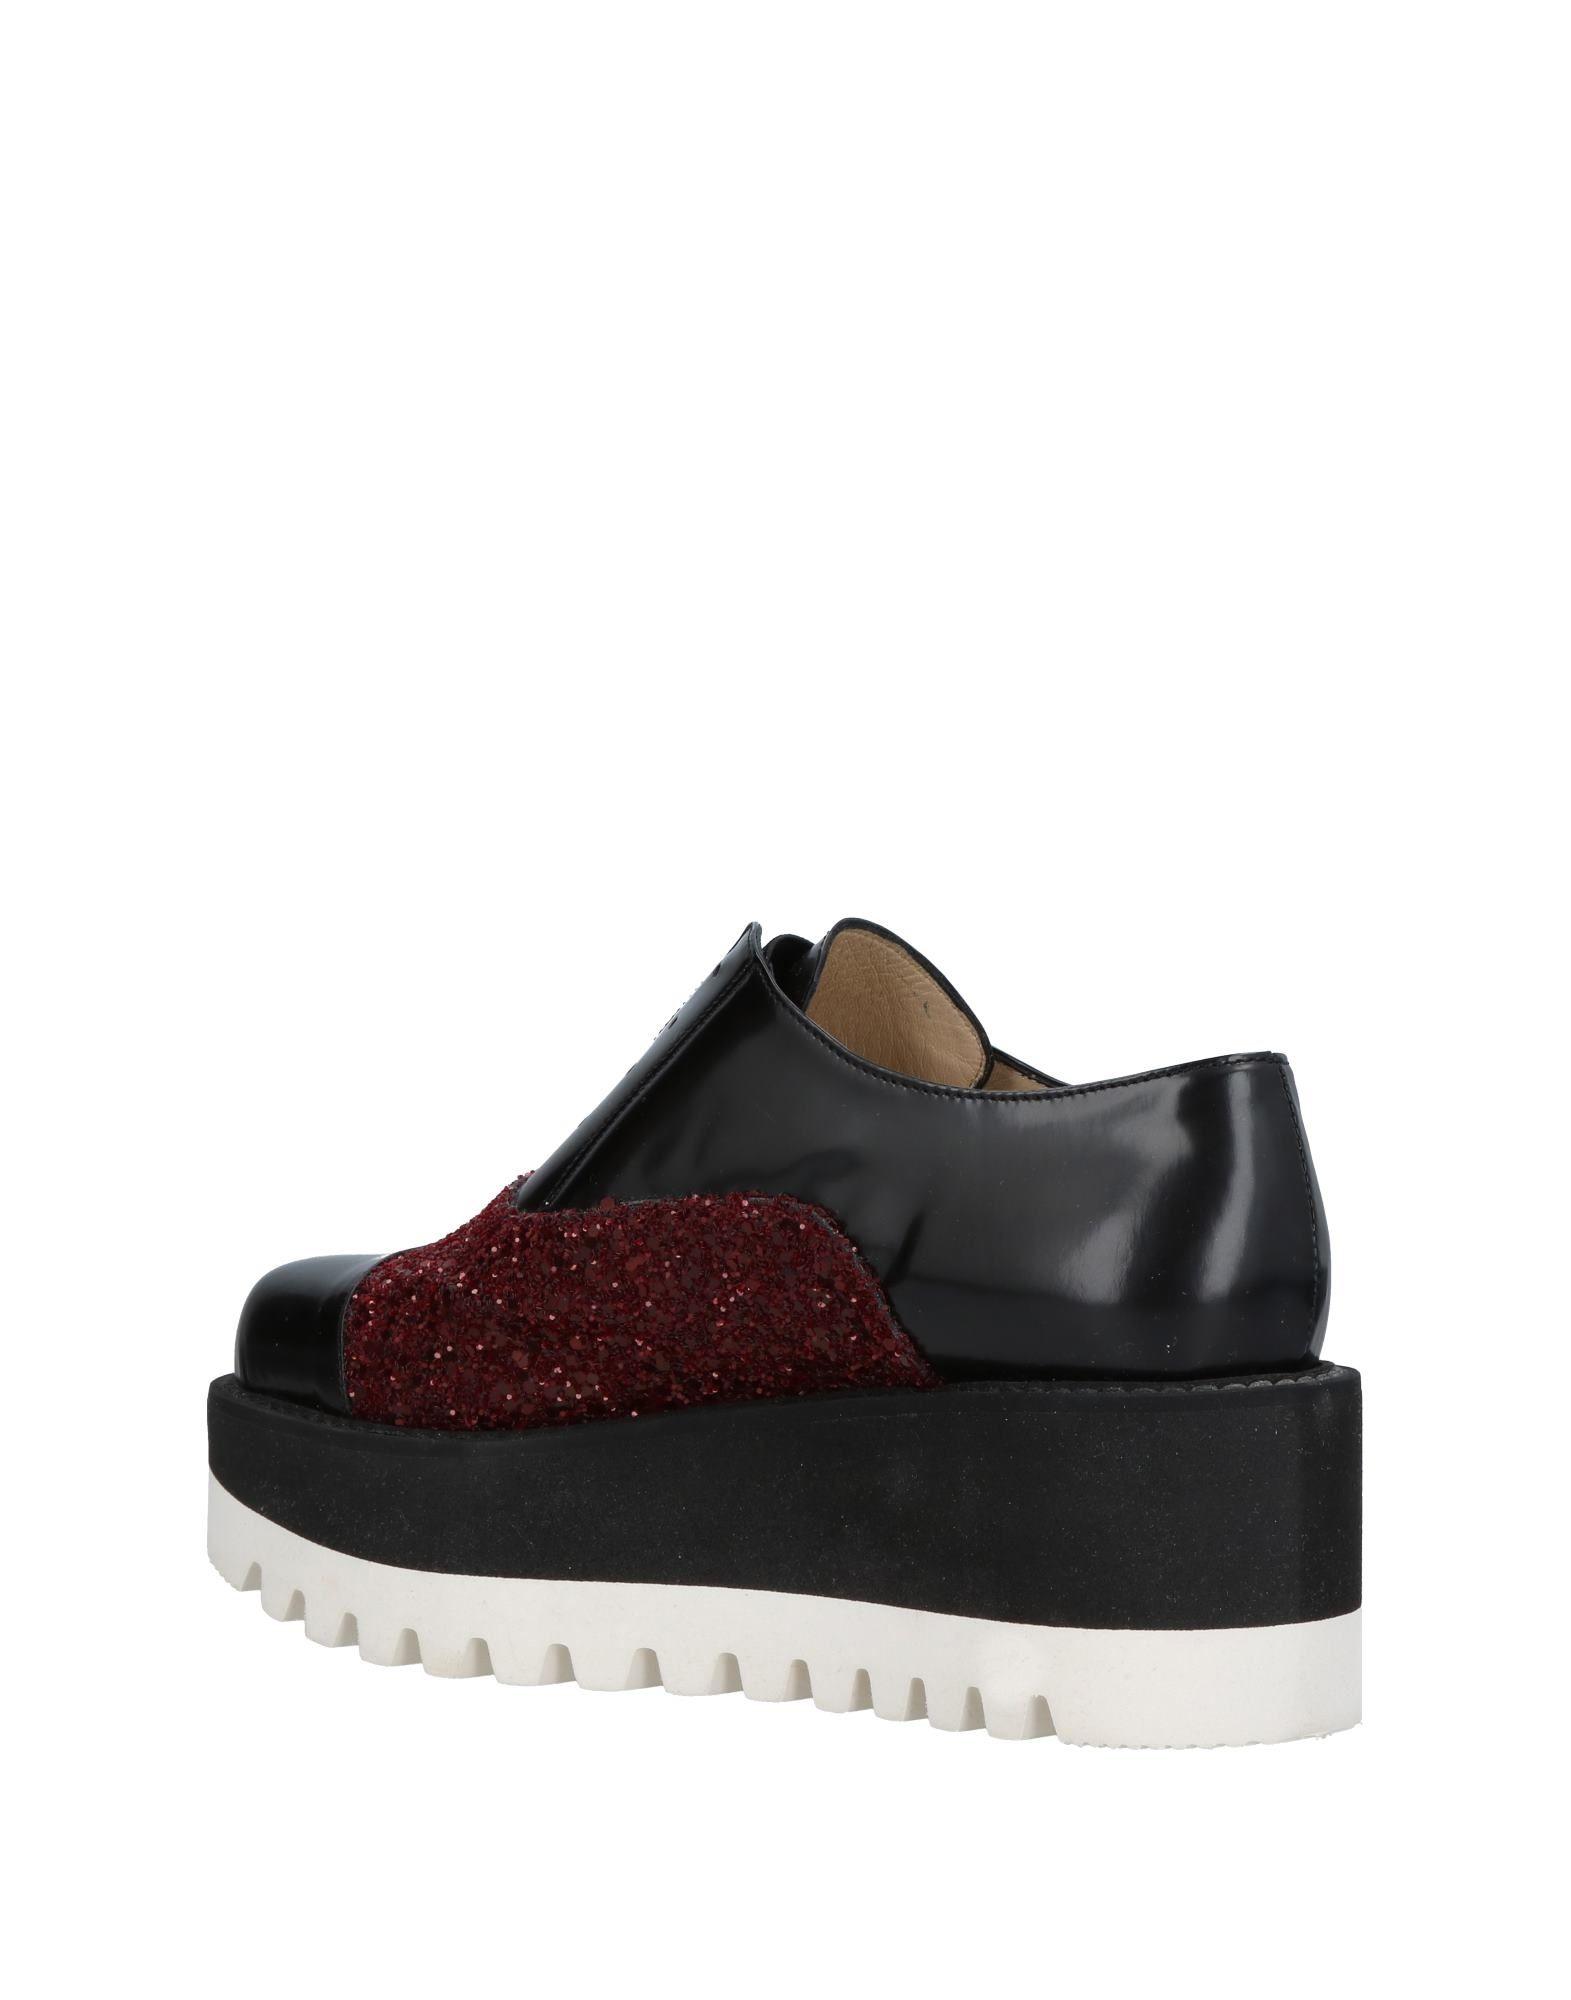 Gut um Blanc billige Schuhe zu tragenLa Blanc um Mokassins Damen  11407021US 7829b2